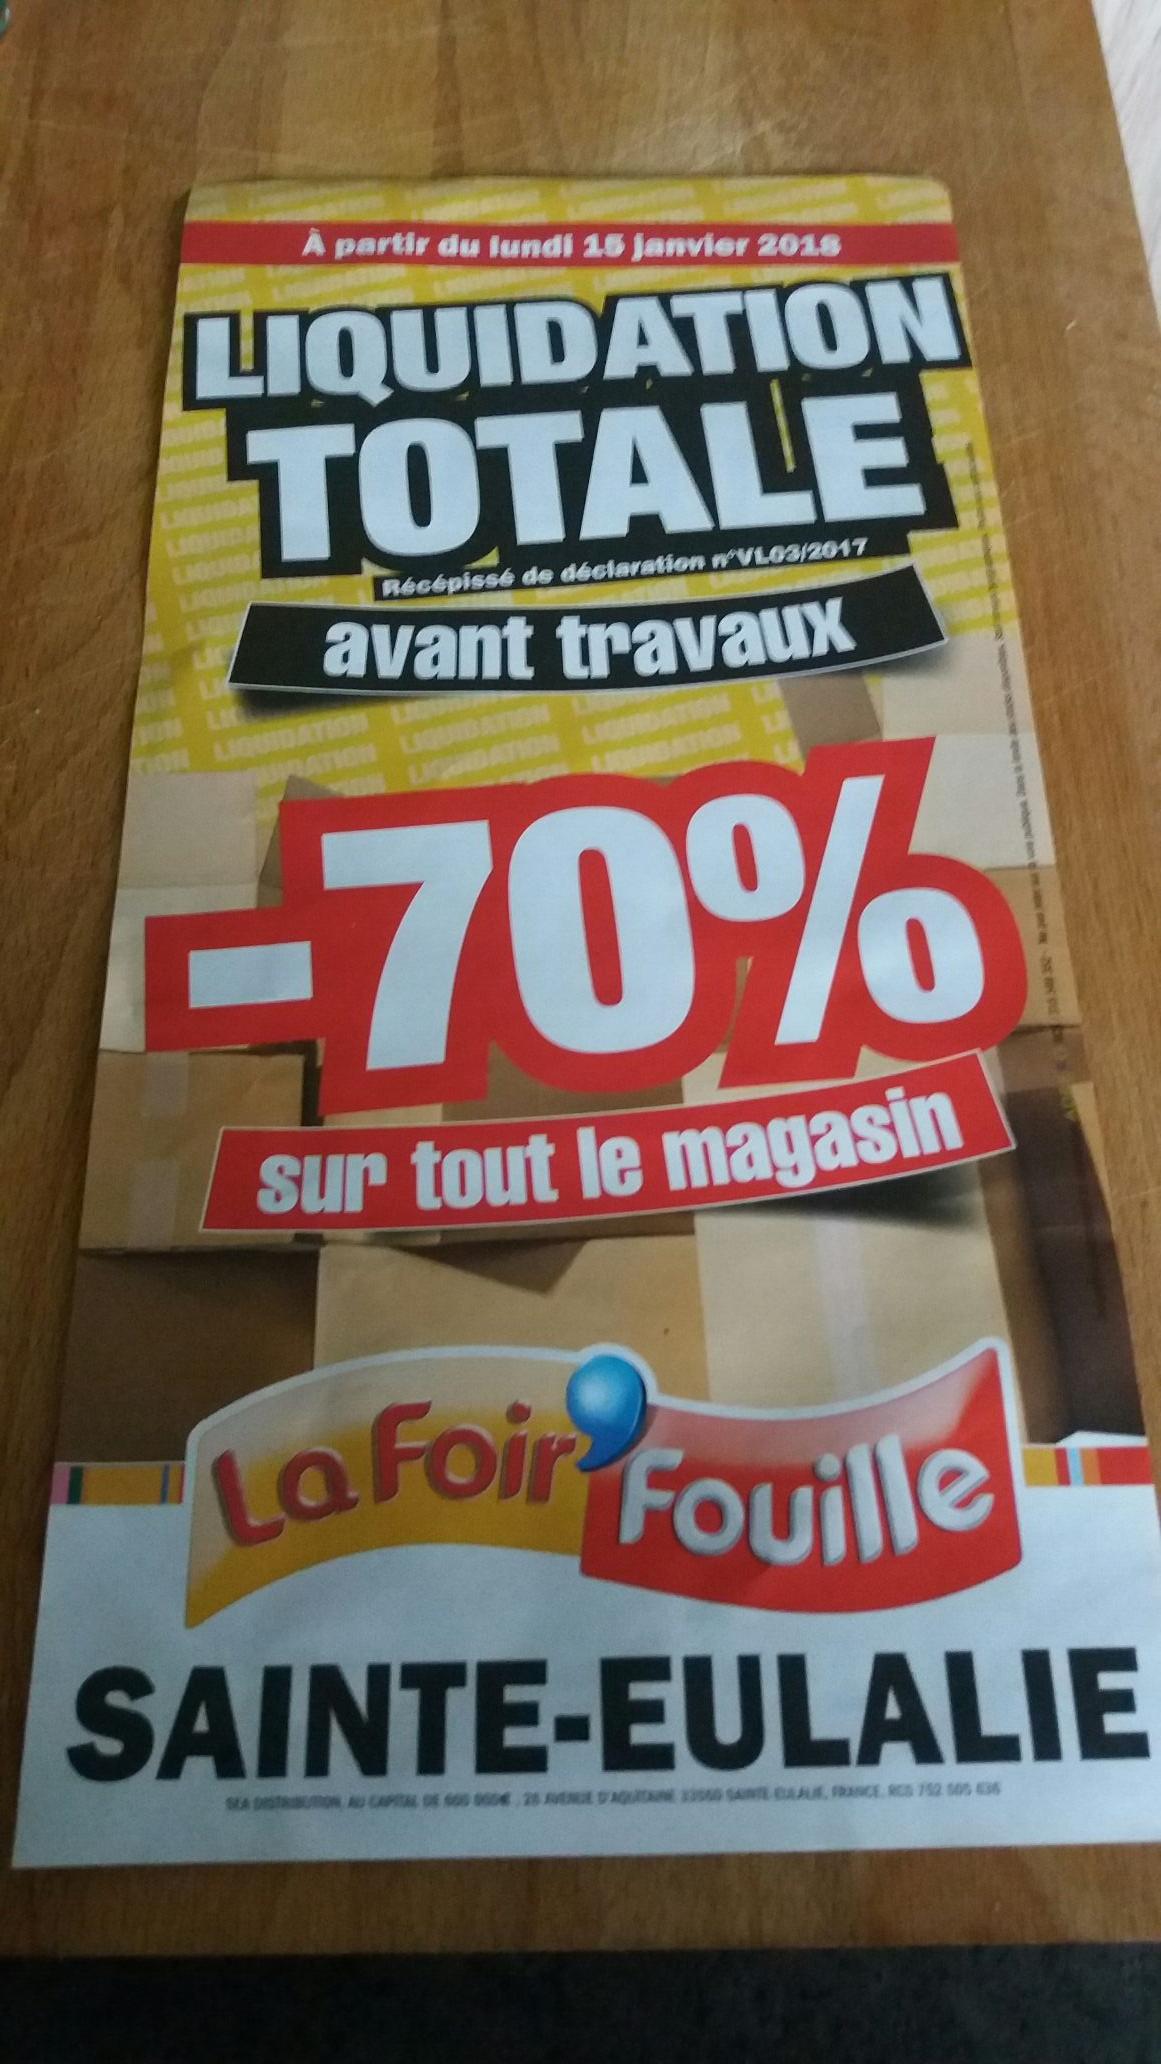 70% de réduction sur tout le magasin La Foir'Fouille Sainte-Eulalie (33)